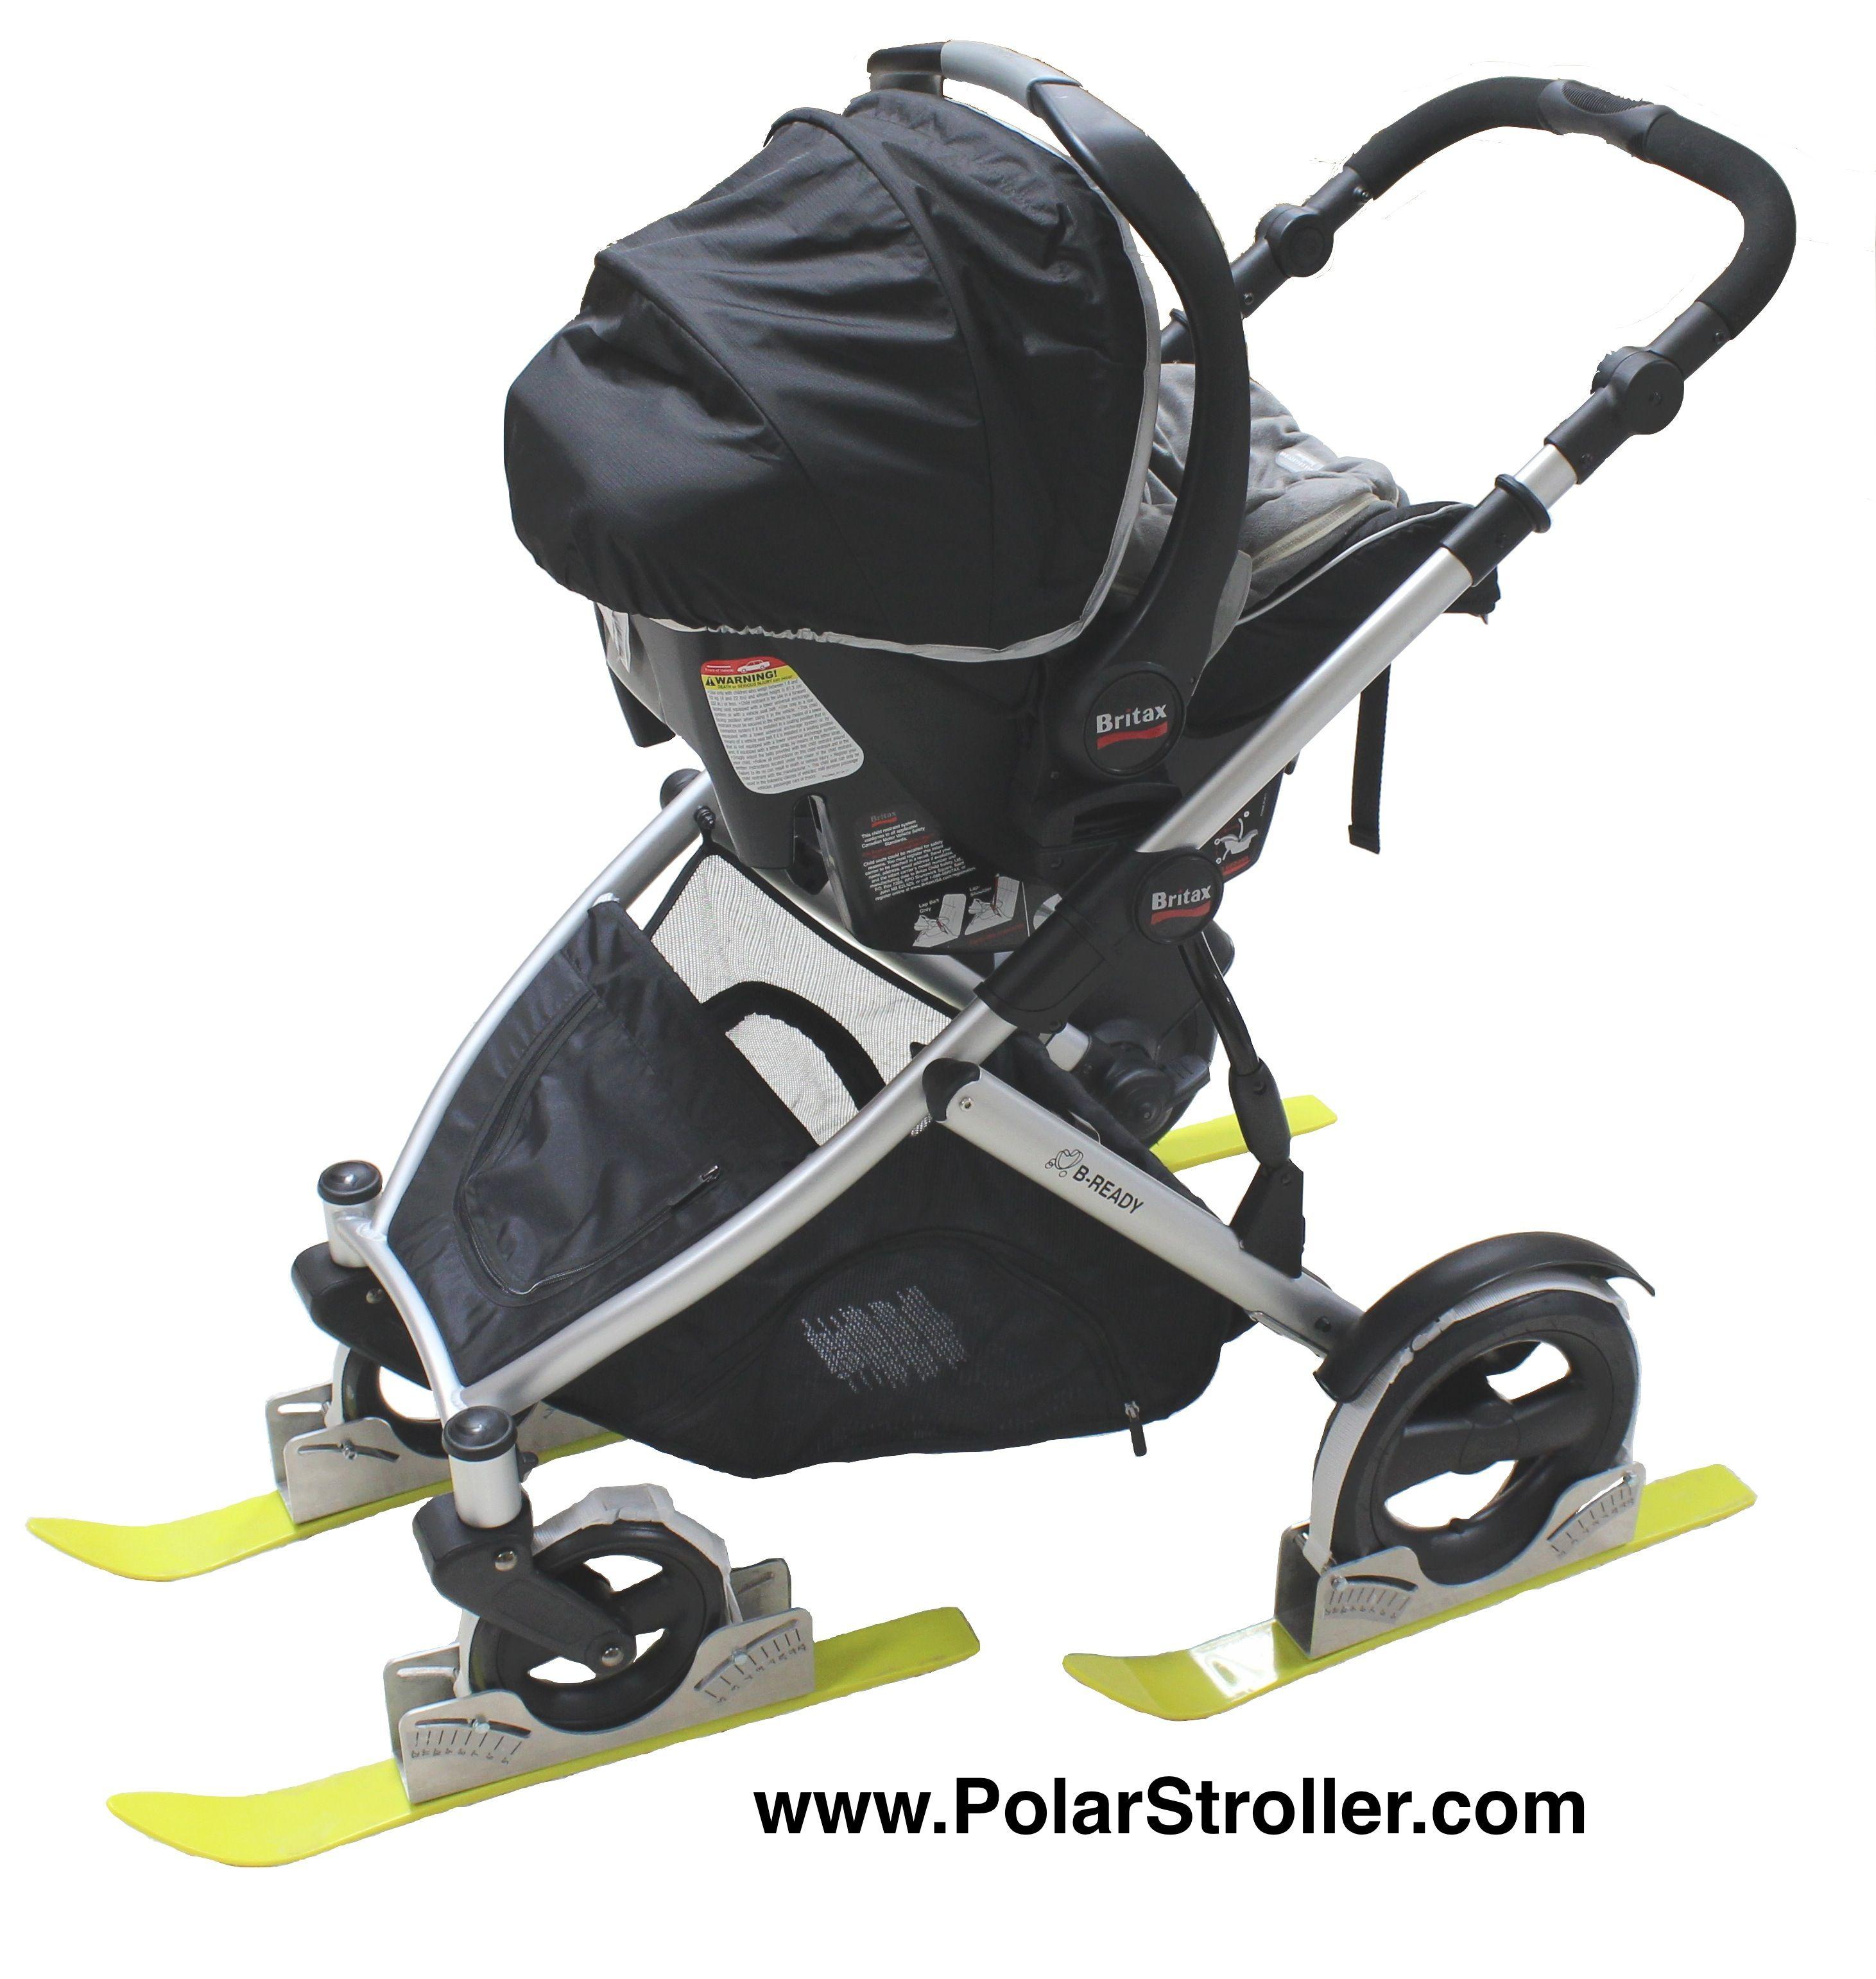 STROLLER SKIS for the beach Baby Pinterest